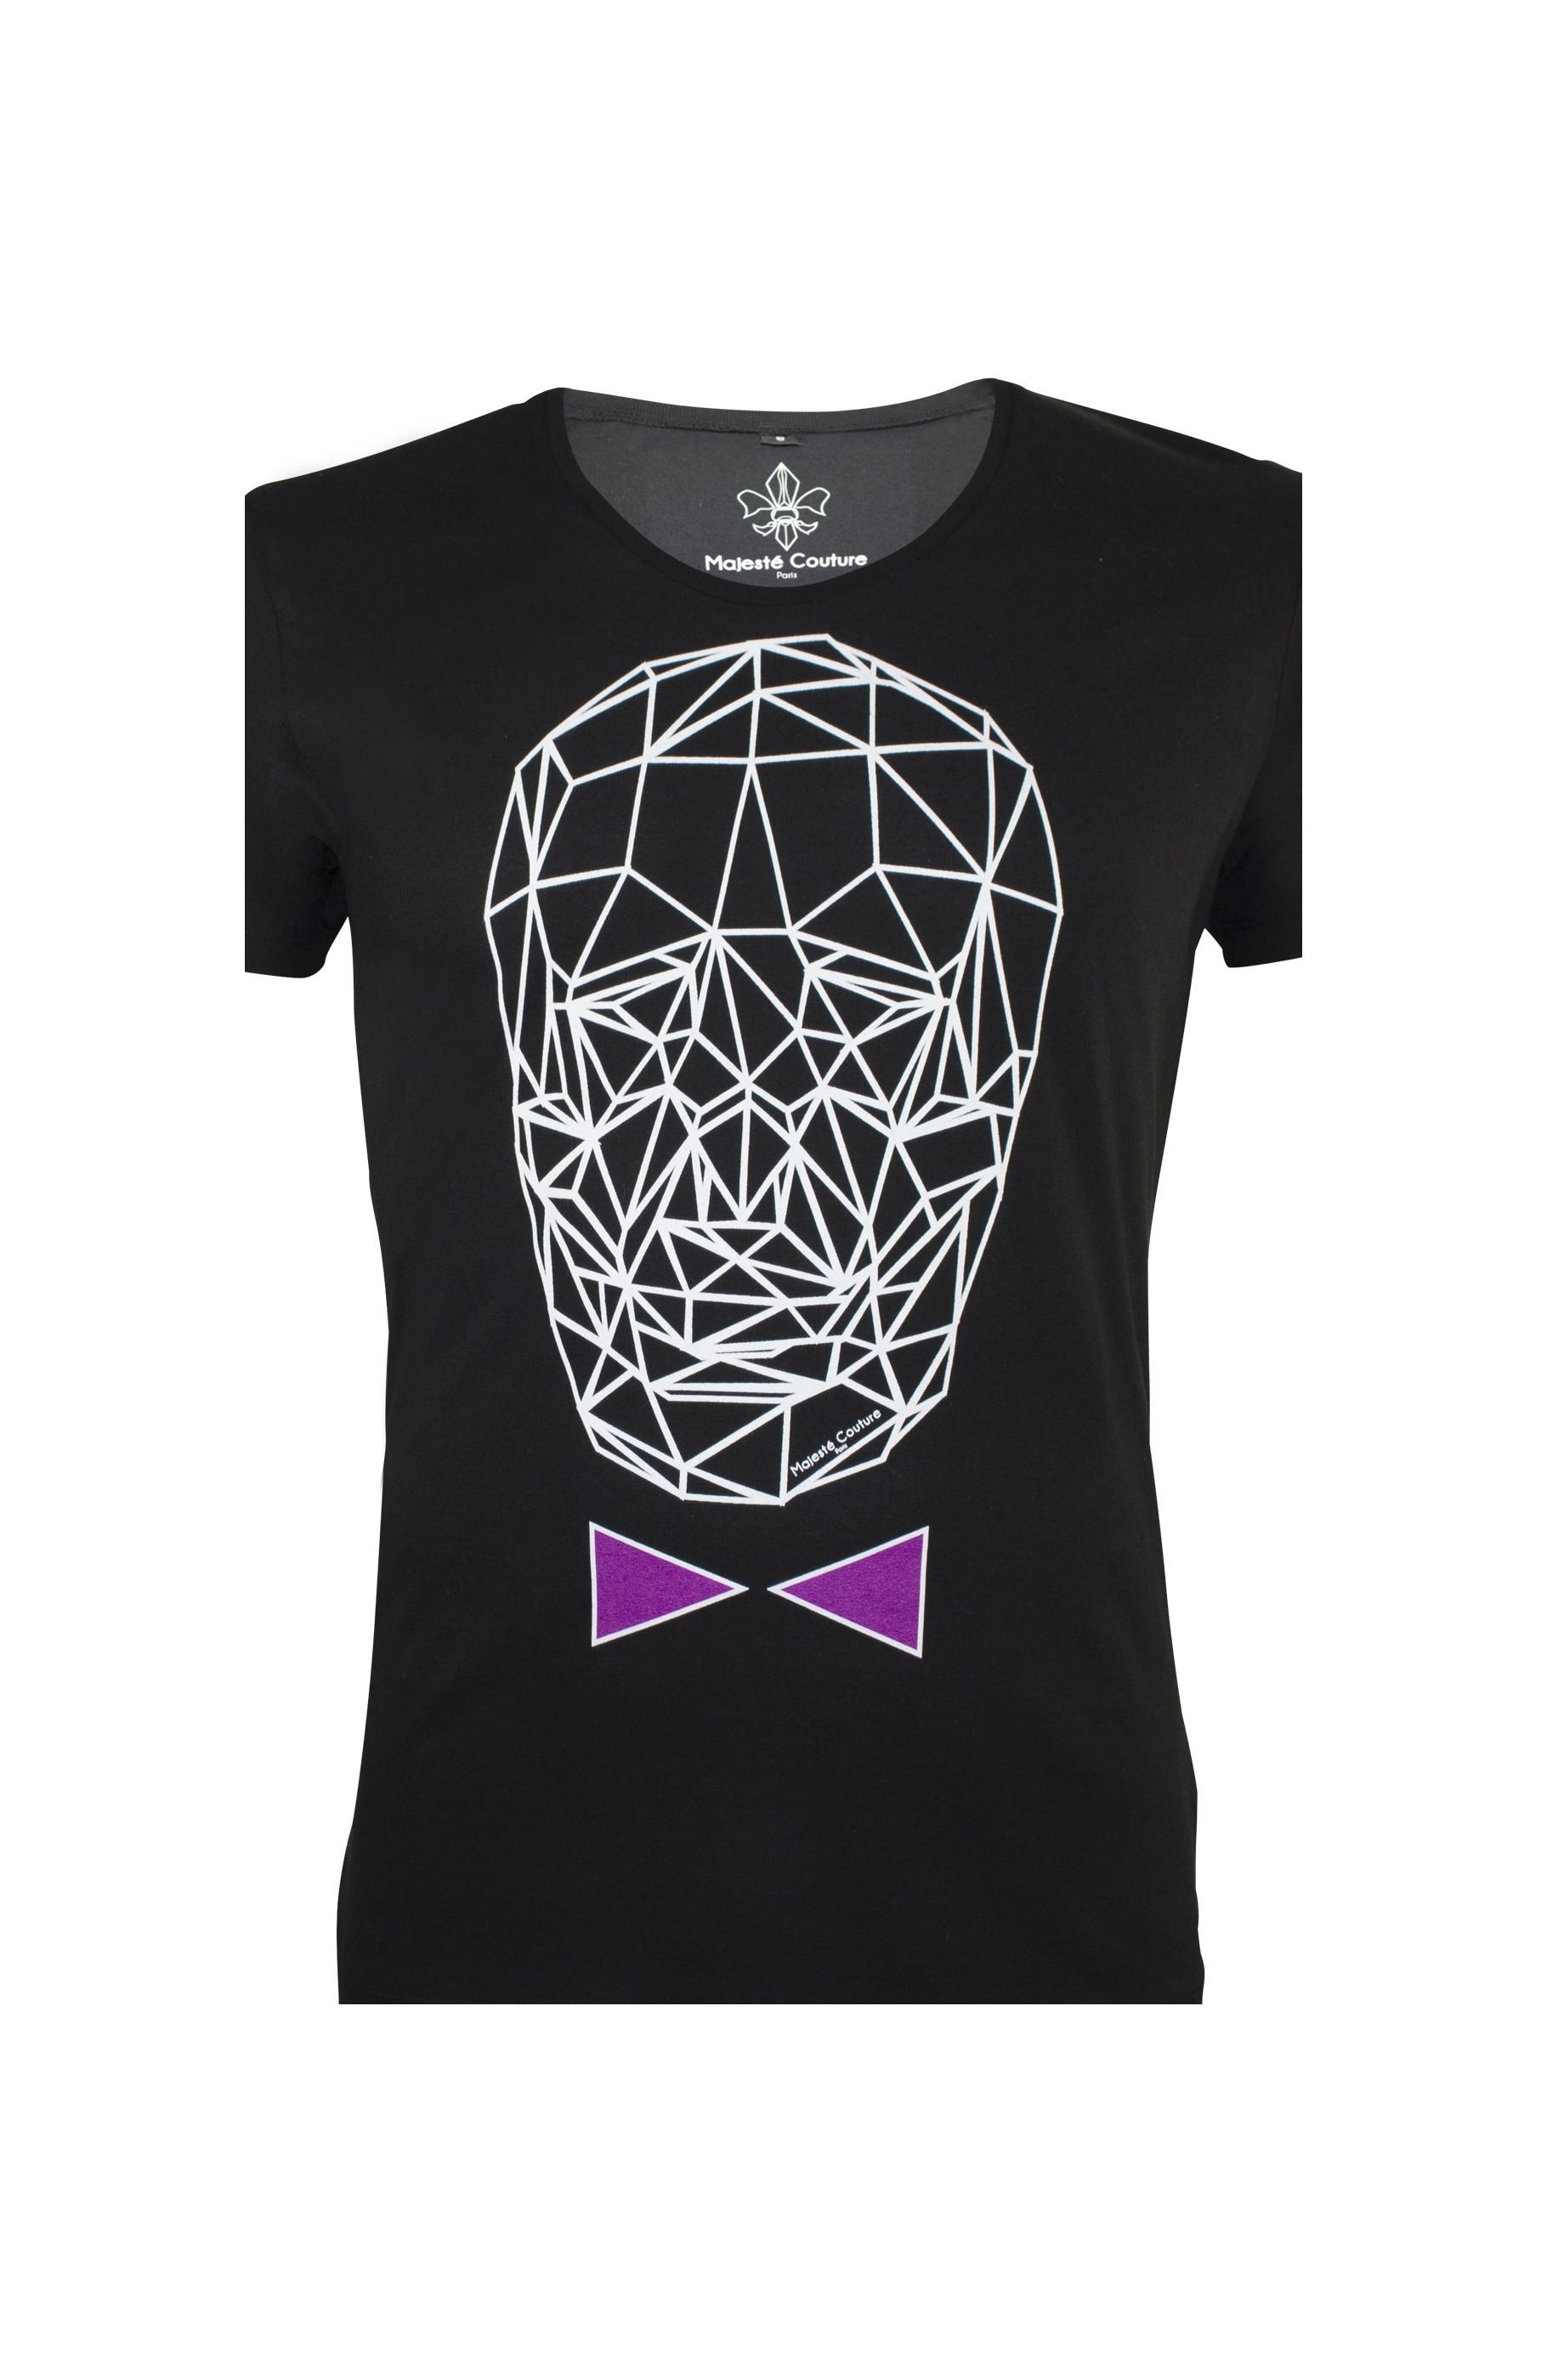 Majesté Couture Paris: BLACK & LILAC GRAPHIC_TDM T-SHIRT   Clothing,Clothing > T-Shirts -  Hiphunters Shop